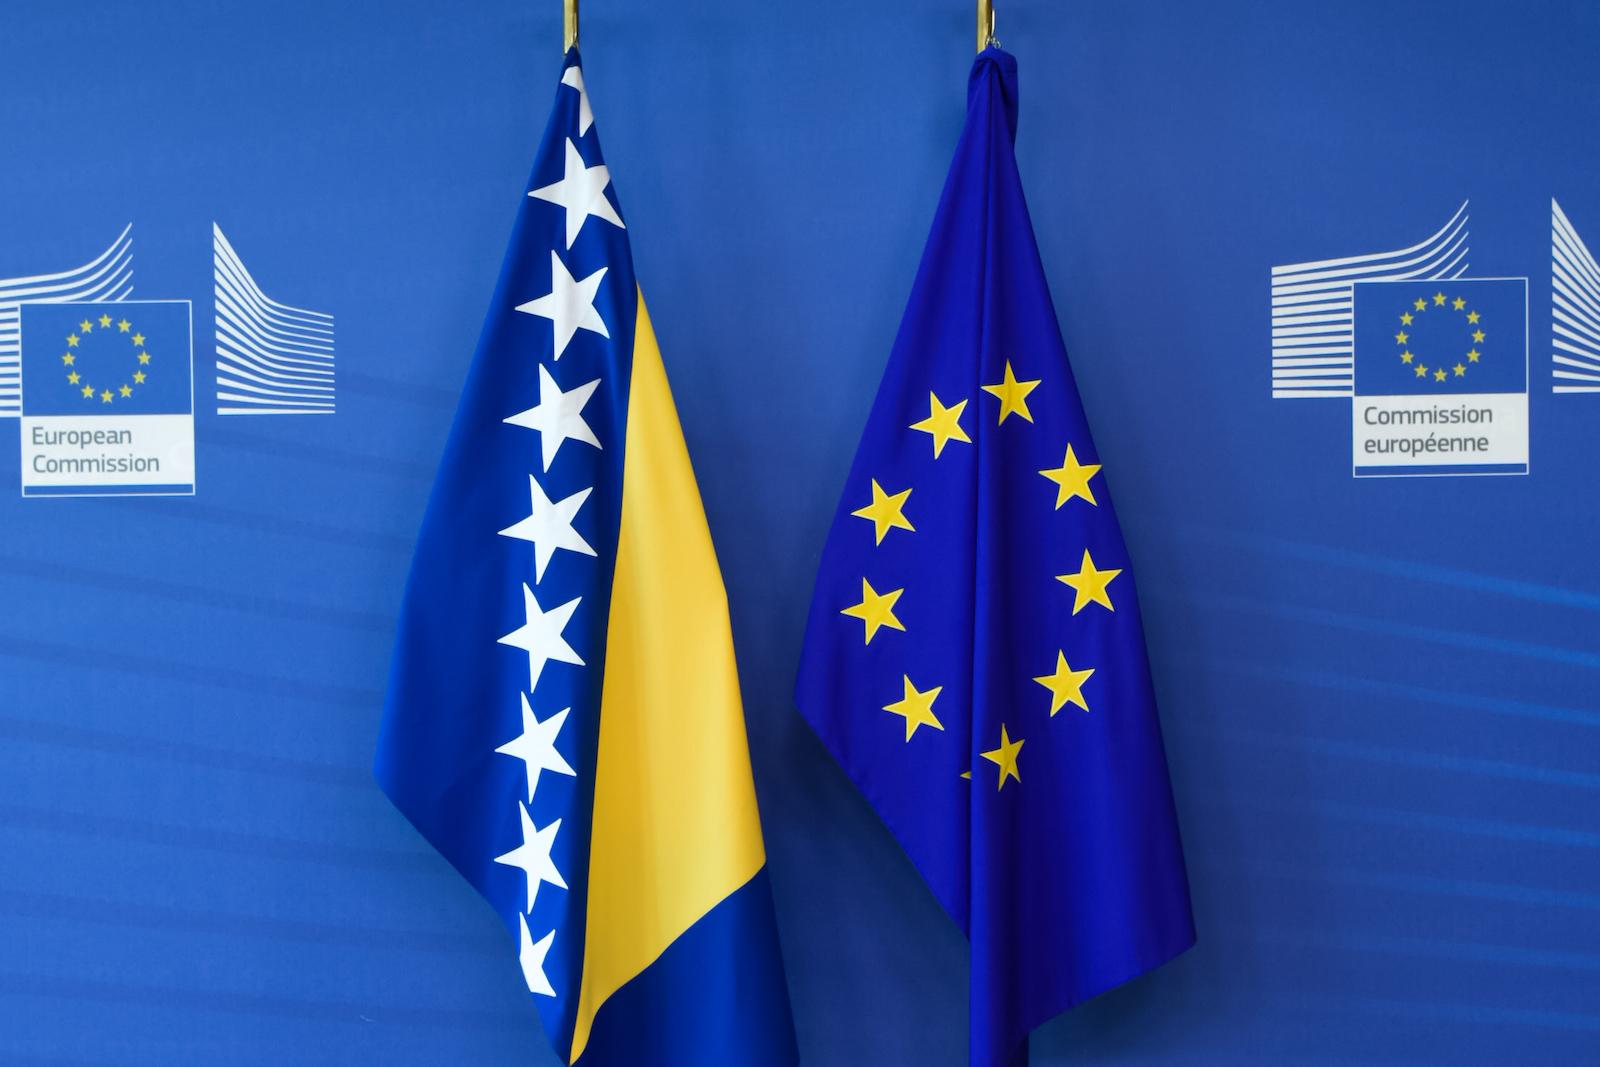 Η ΕΕ θα παράσχει βοήθεια 7 εκατ. ευρώ στη Β-Ε για τις άμεσες ανάγκες των δημόσιων συστημάτων υγείας